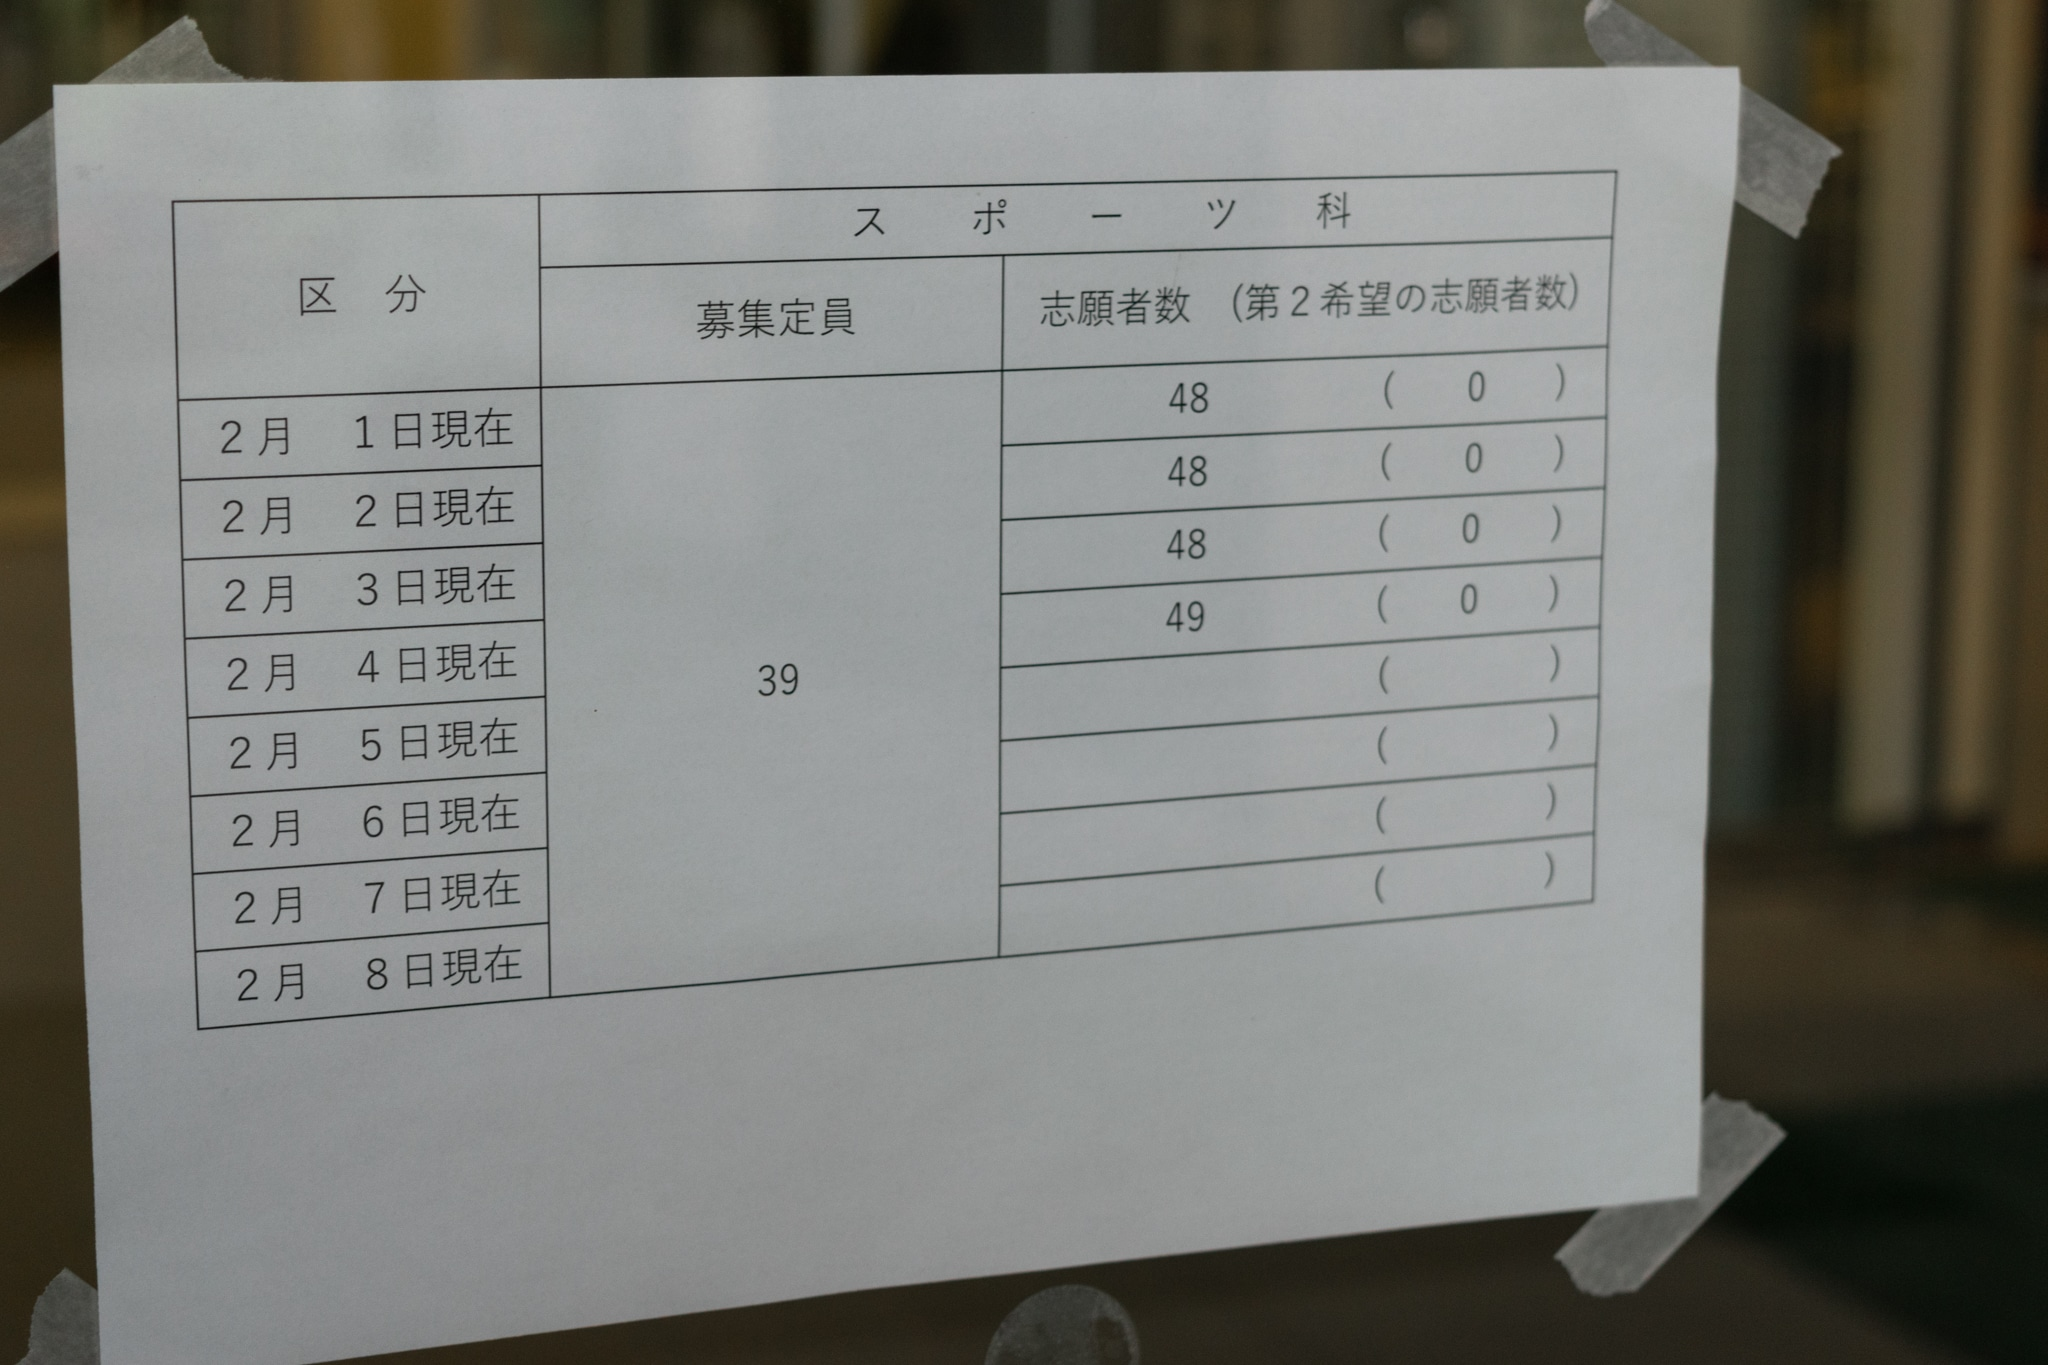 速報 倍率 2021 神奈川 県立 高校 令和3年度 神奈川県立公立高校一般募集志願者数(速報)